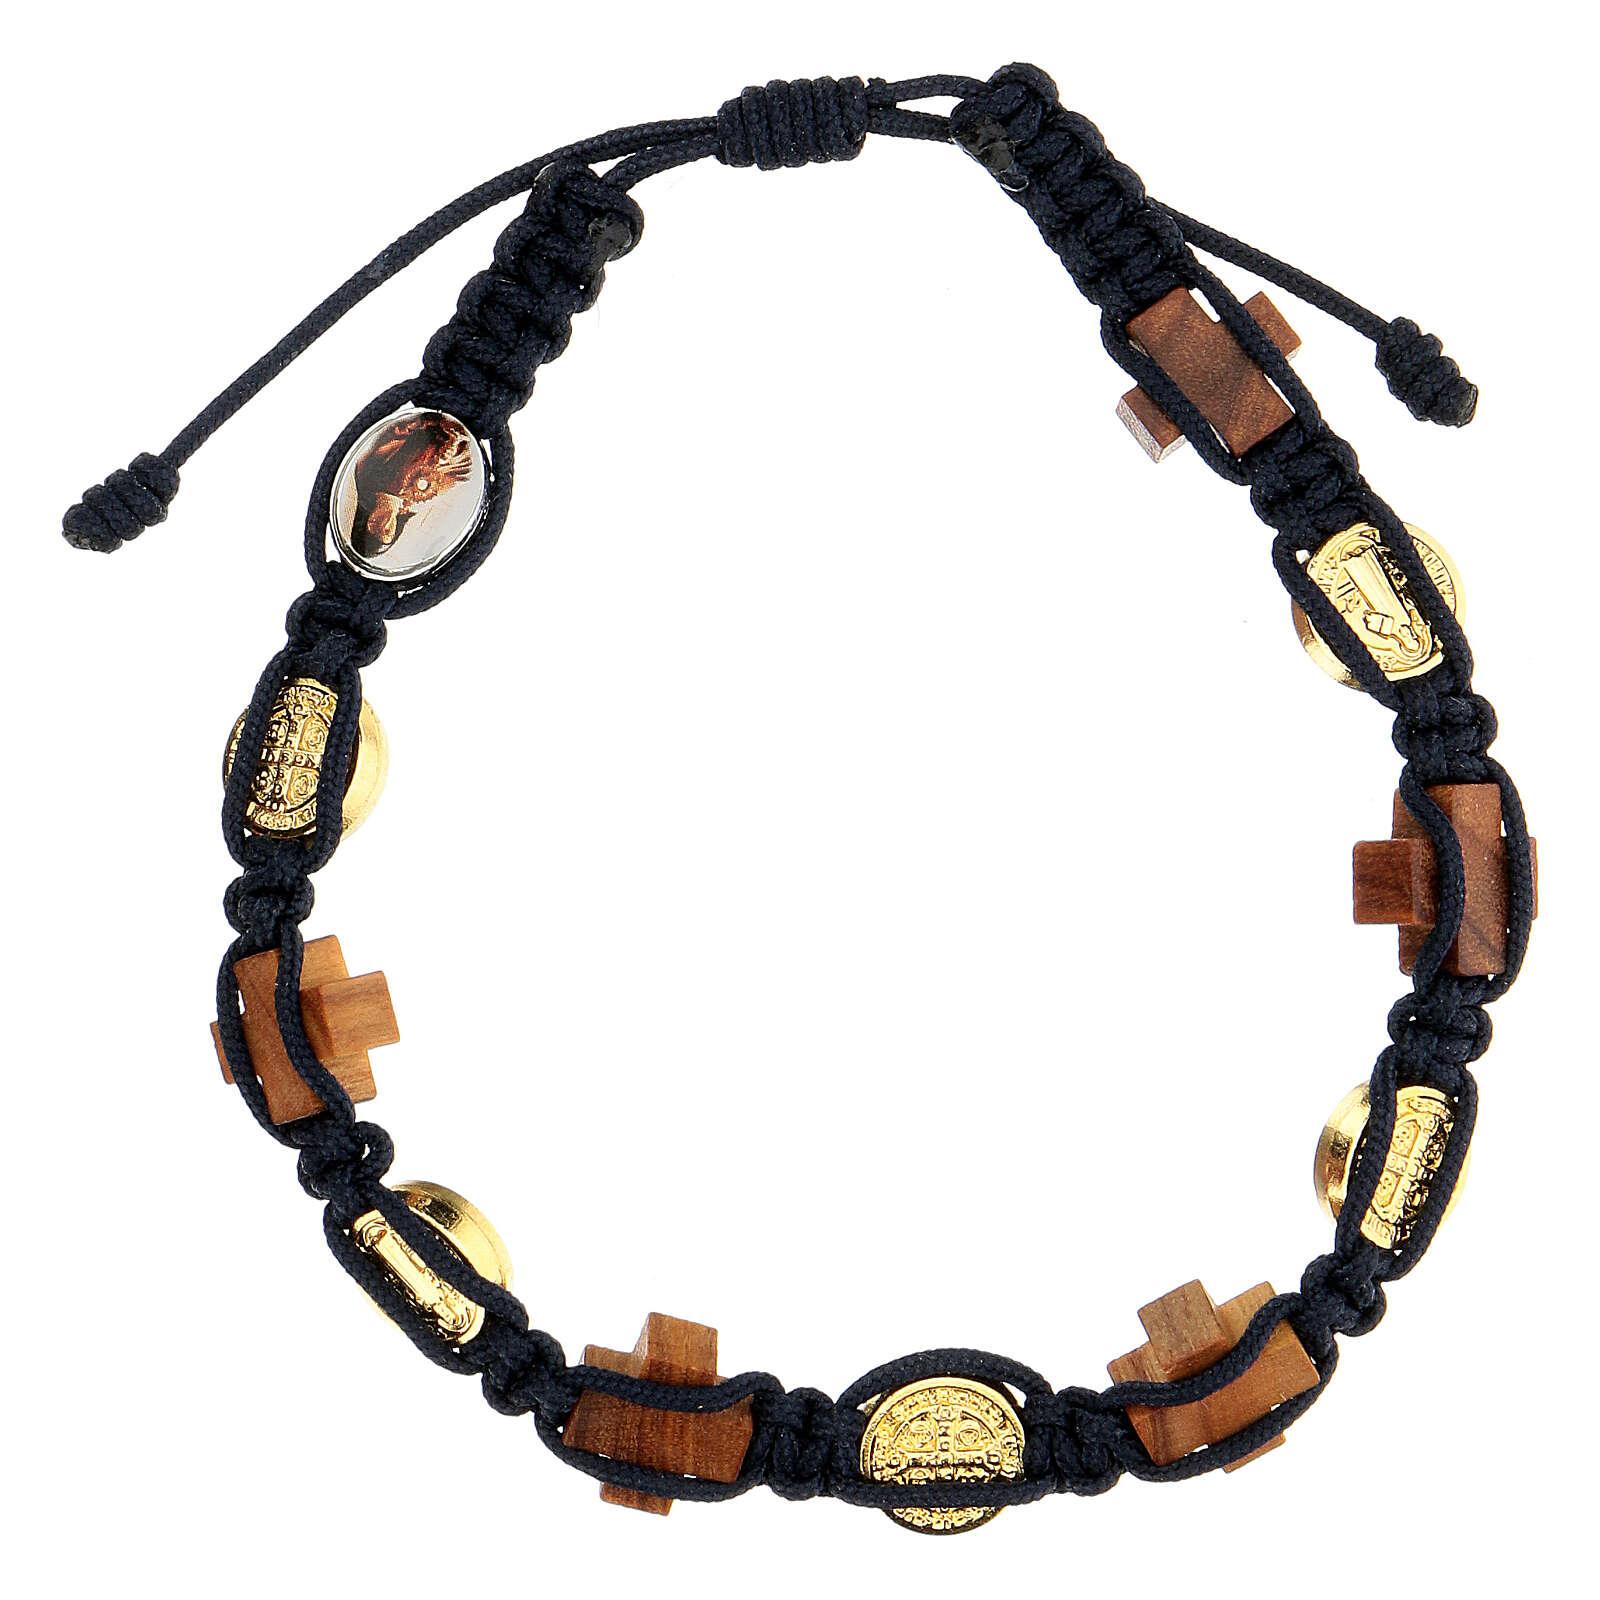 Bracciale Medjugorje croci legno ulivo medaglie corda blu 4